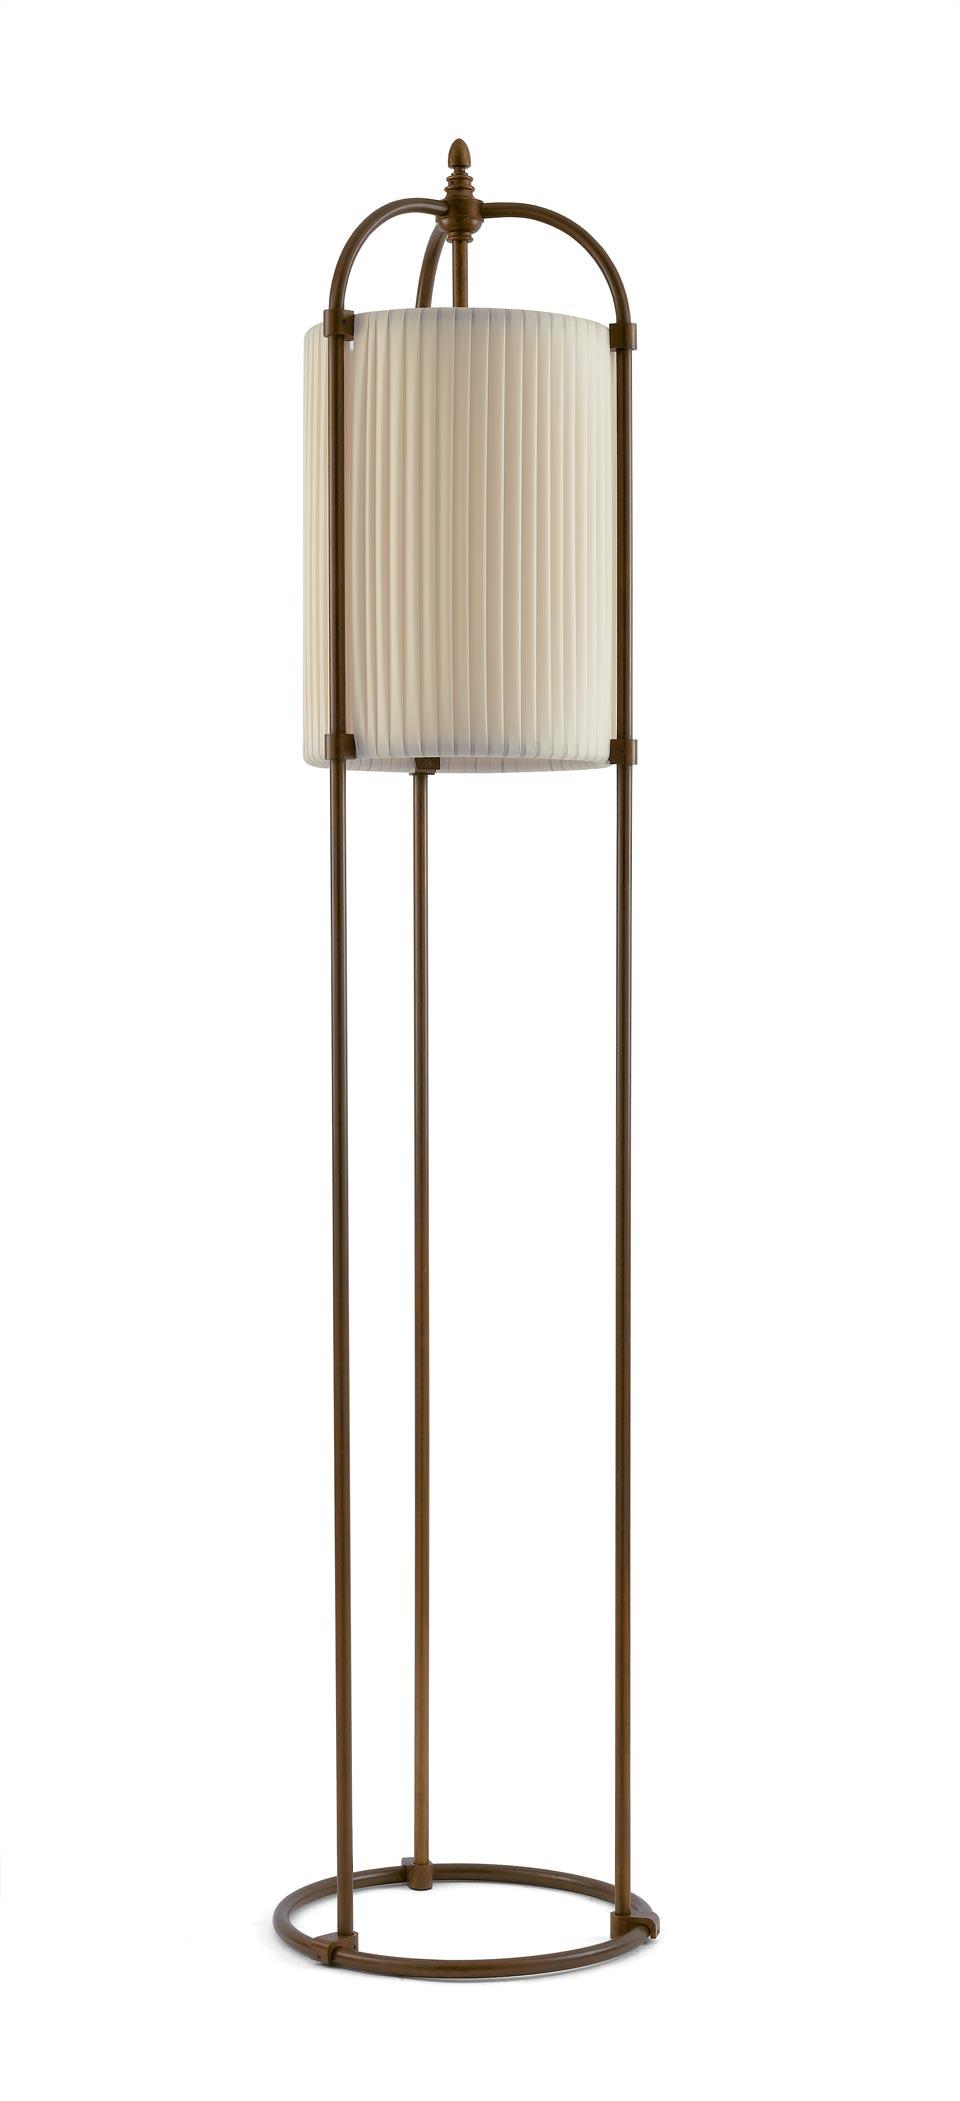 Lampadaire cylindre soie beige et patine antique foncée. Aldo Bernardi.